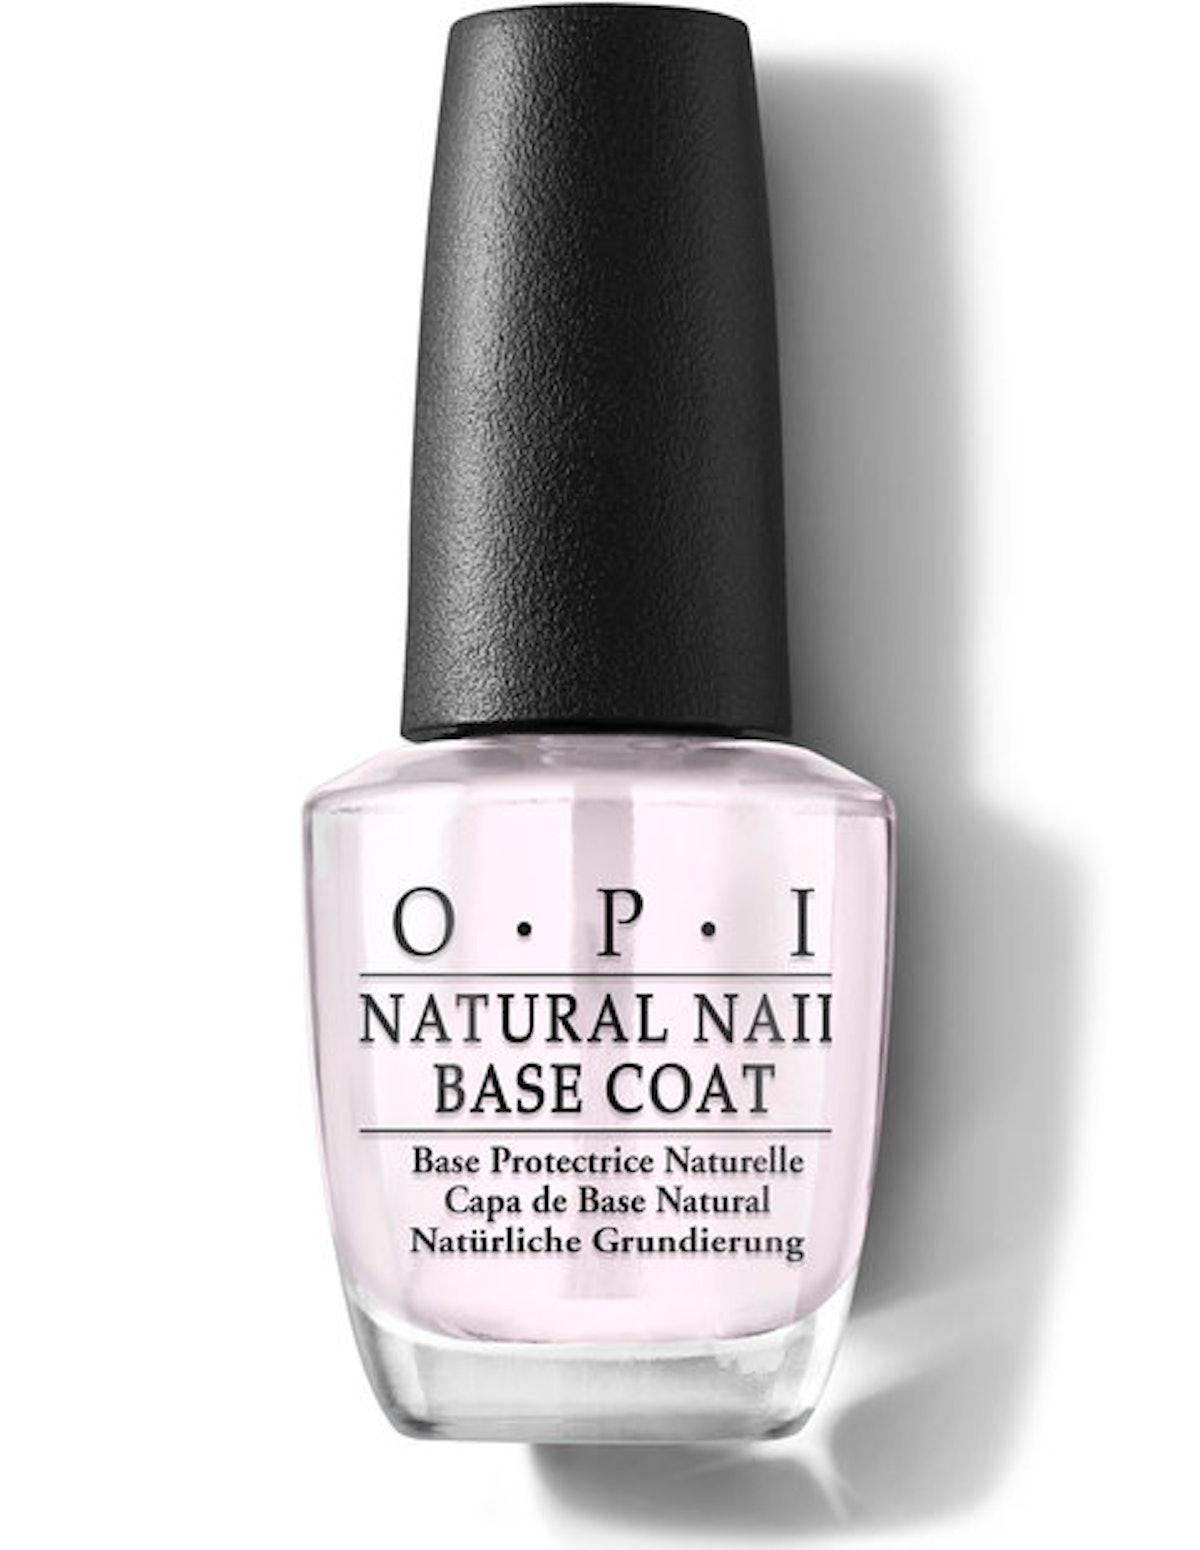 Natural Nail Base Coat